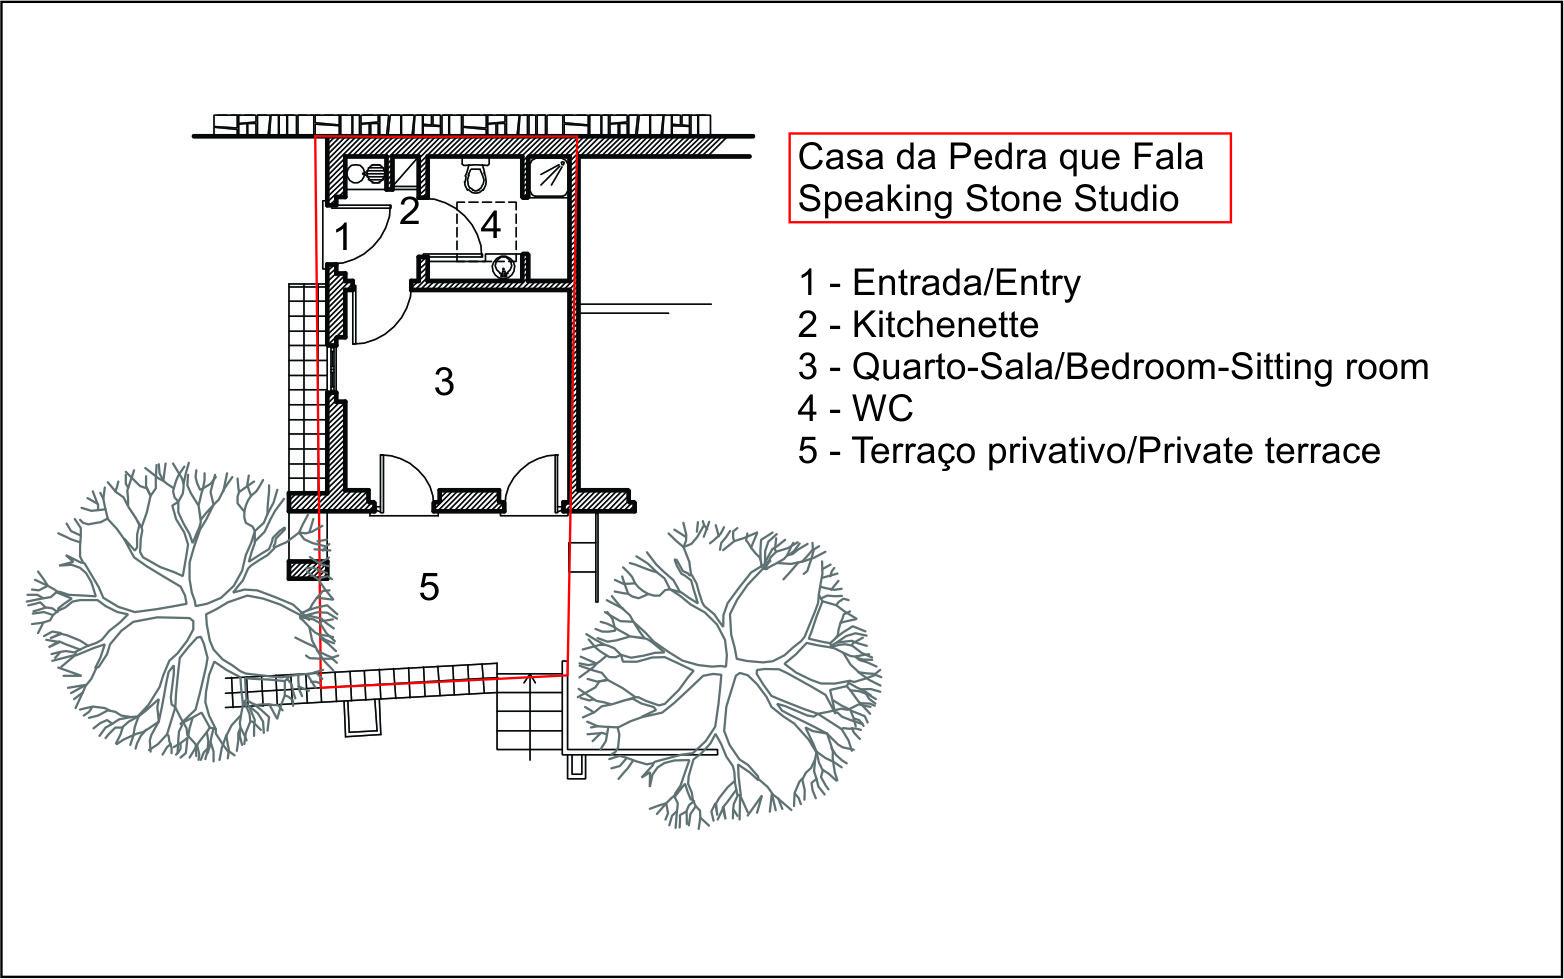 Casa da Pedra que Fala - Planta